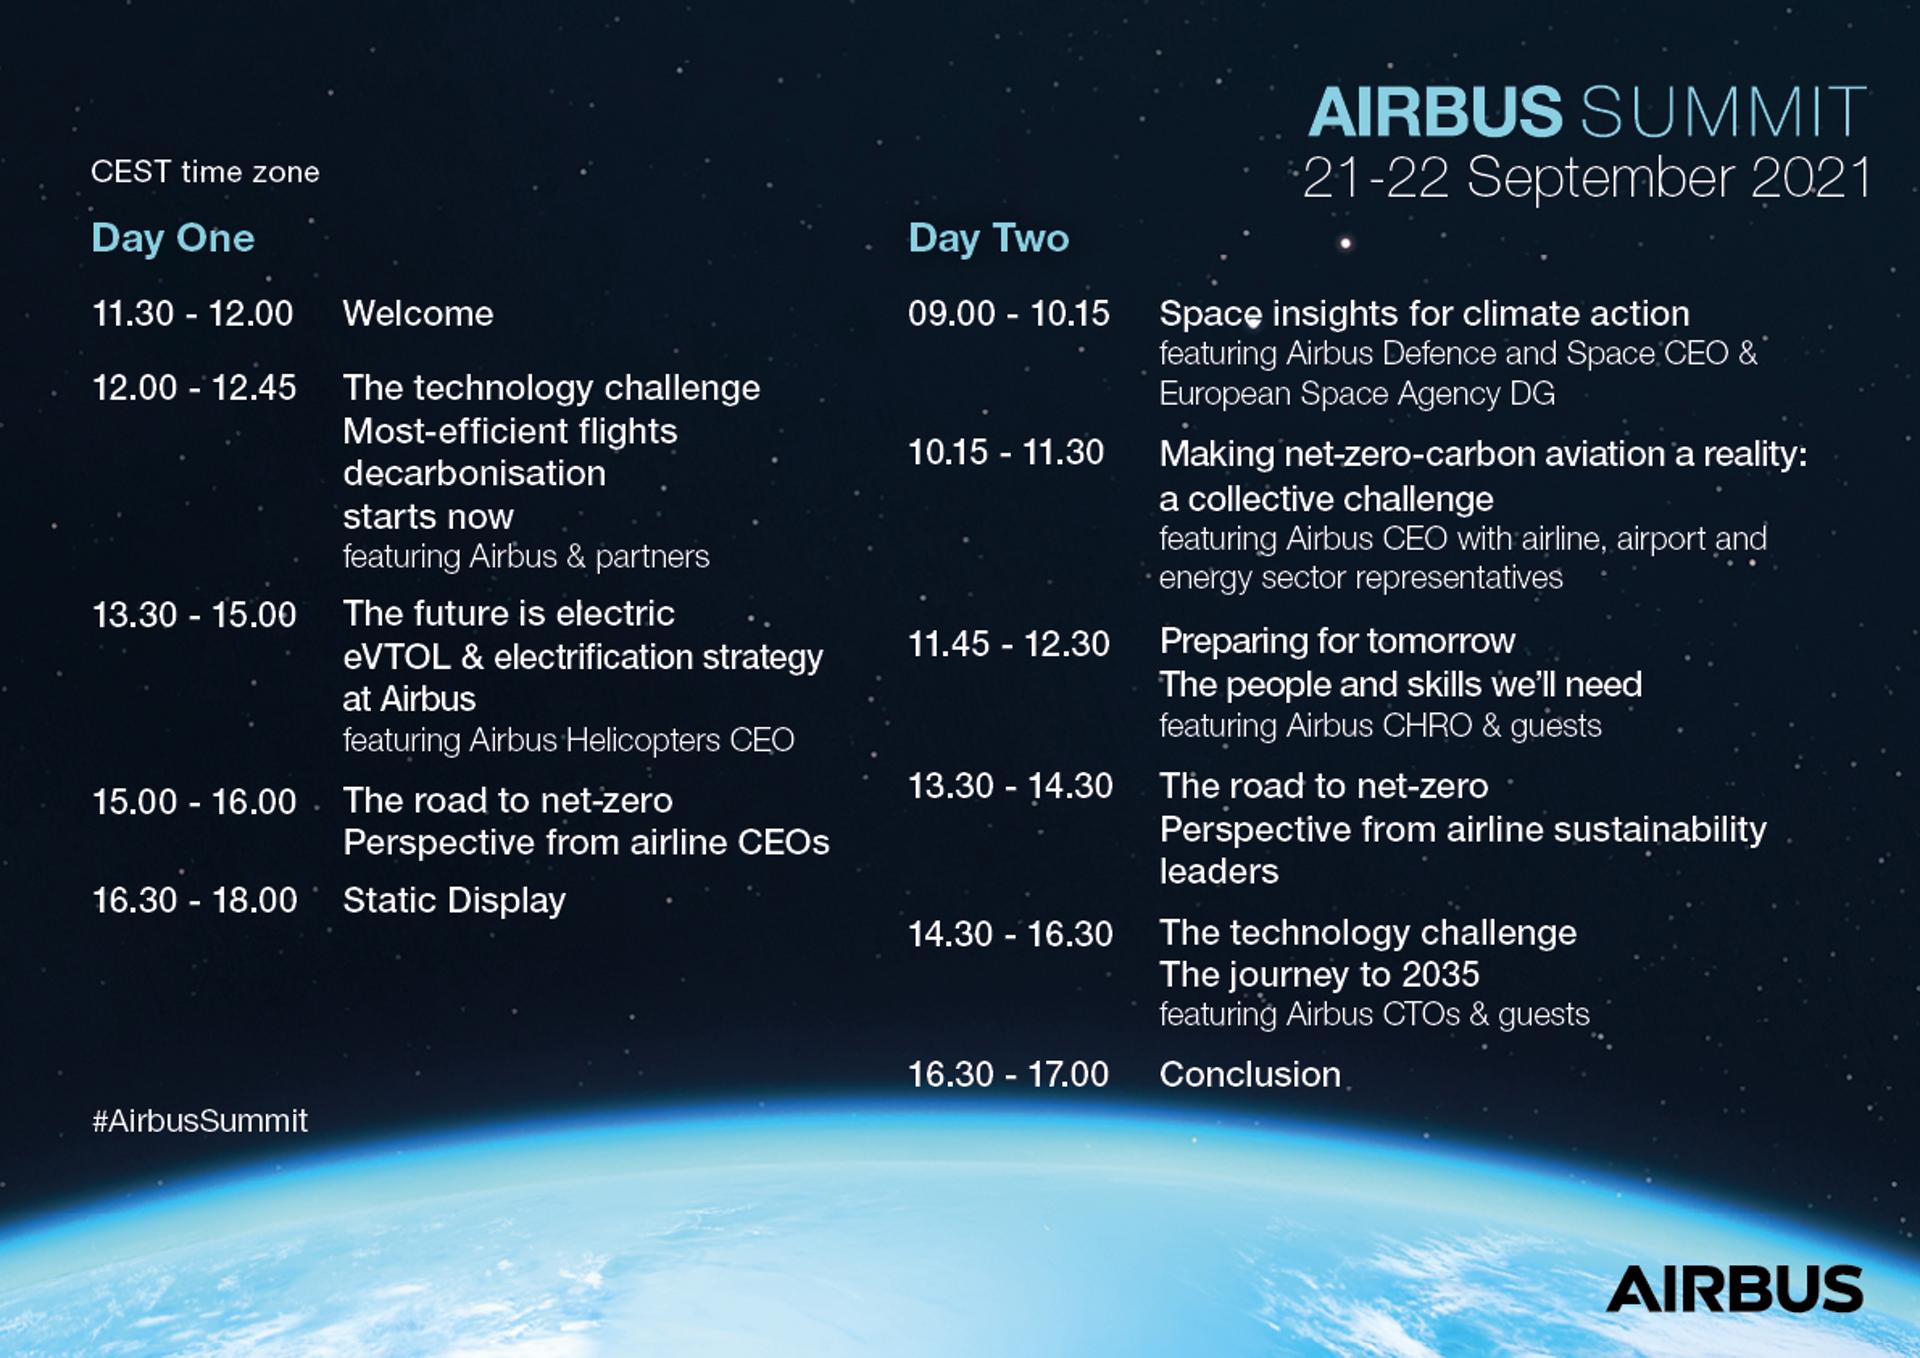 Airbus Summit Agenda 2021